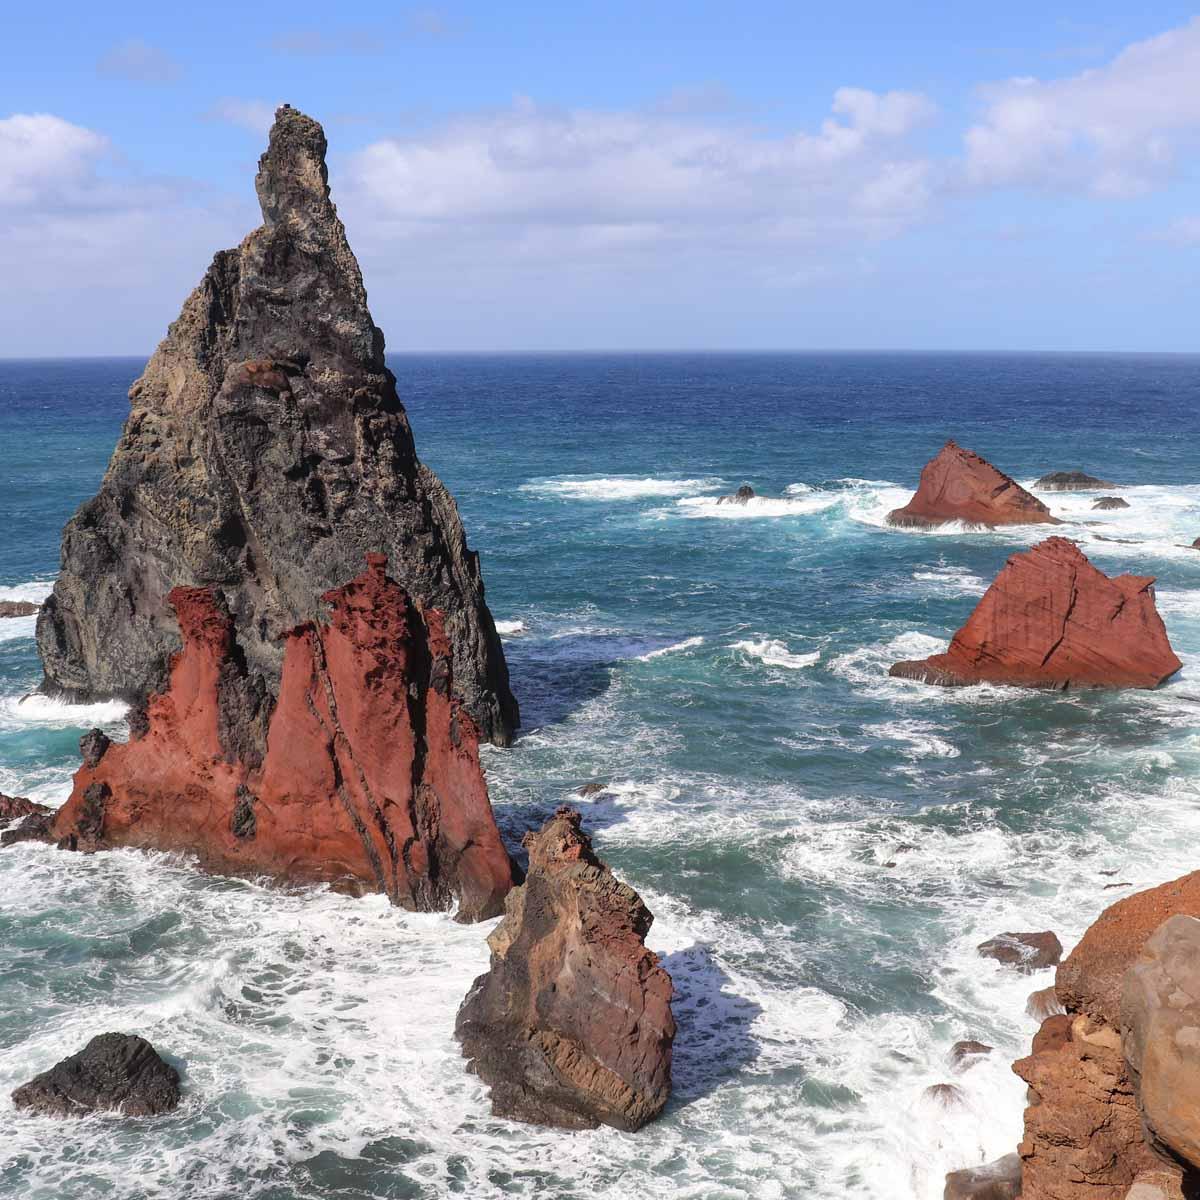 14x de allerleukste dingen om te doen op Madeira - Map of Joy